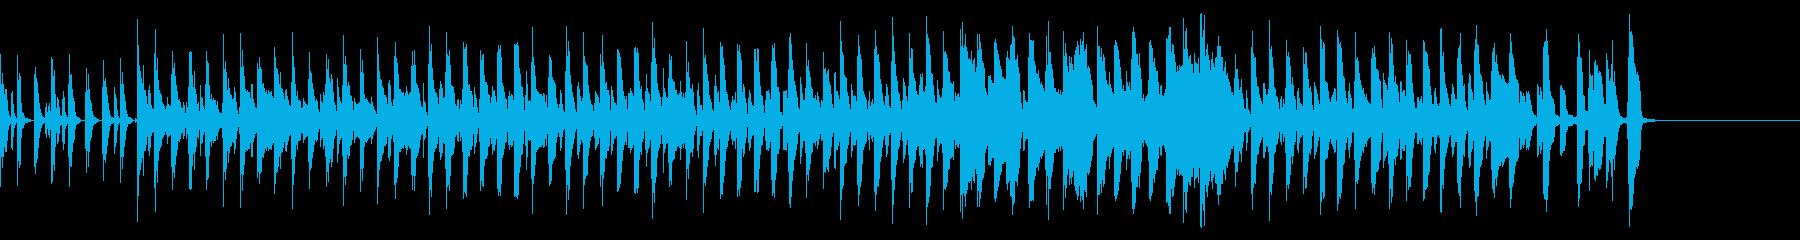 マーチ感のあるドラムと木琴の行進曲の再生済みの波形